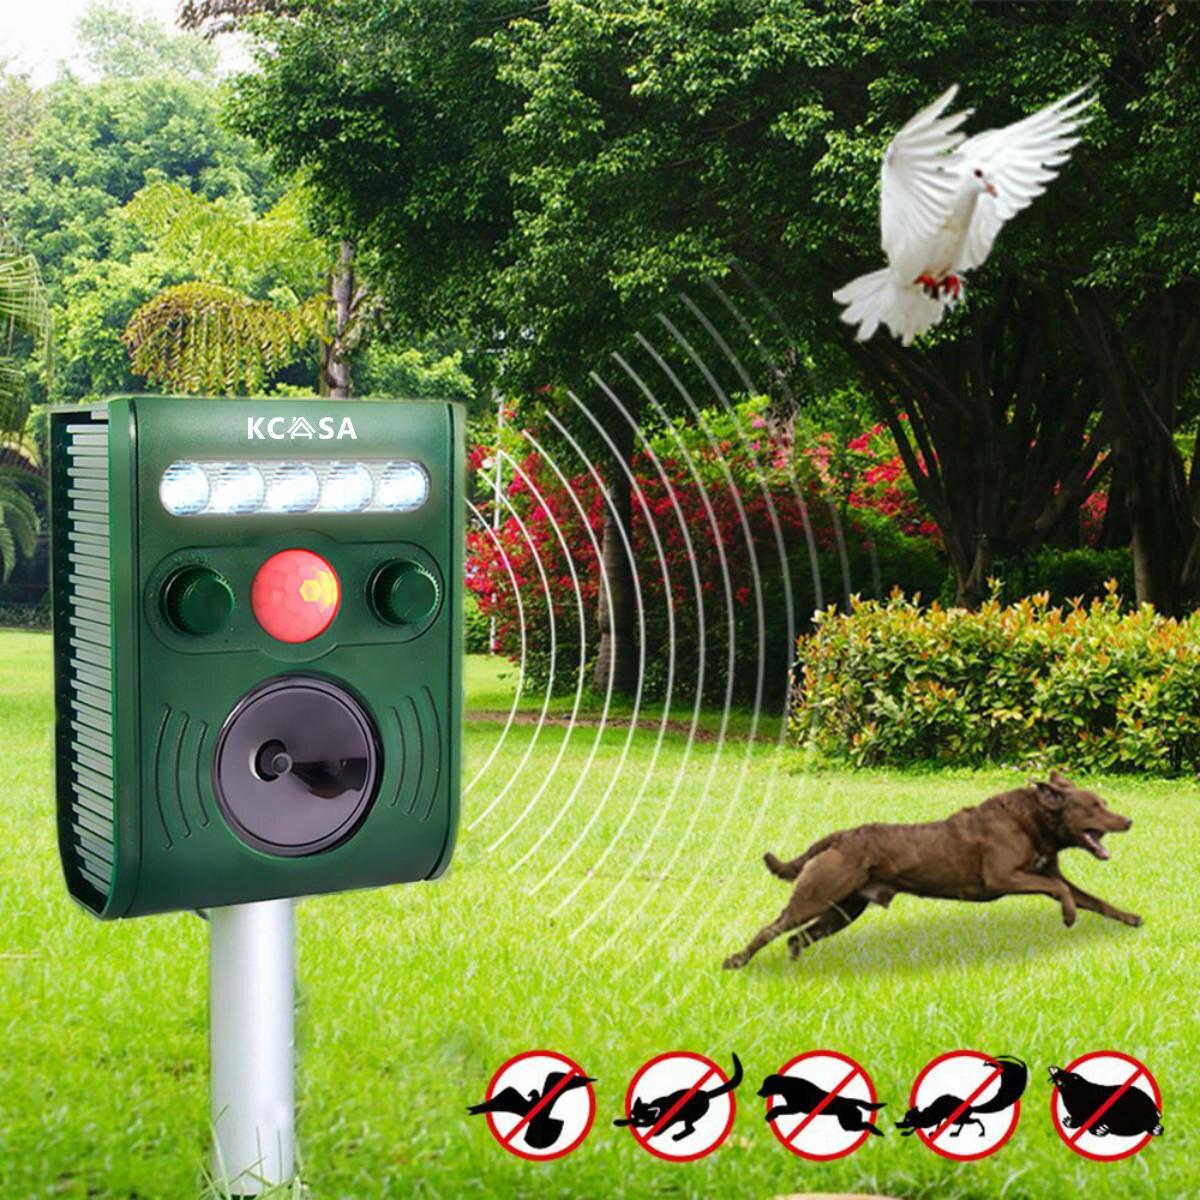 Odstraszacz zwierząt KCASA KC-JK369 za $16.49 / ~63zł